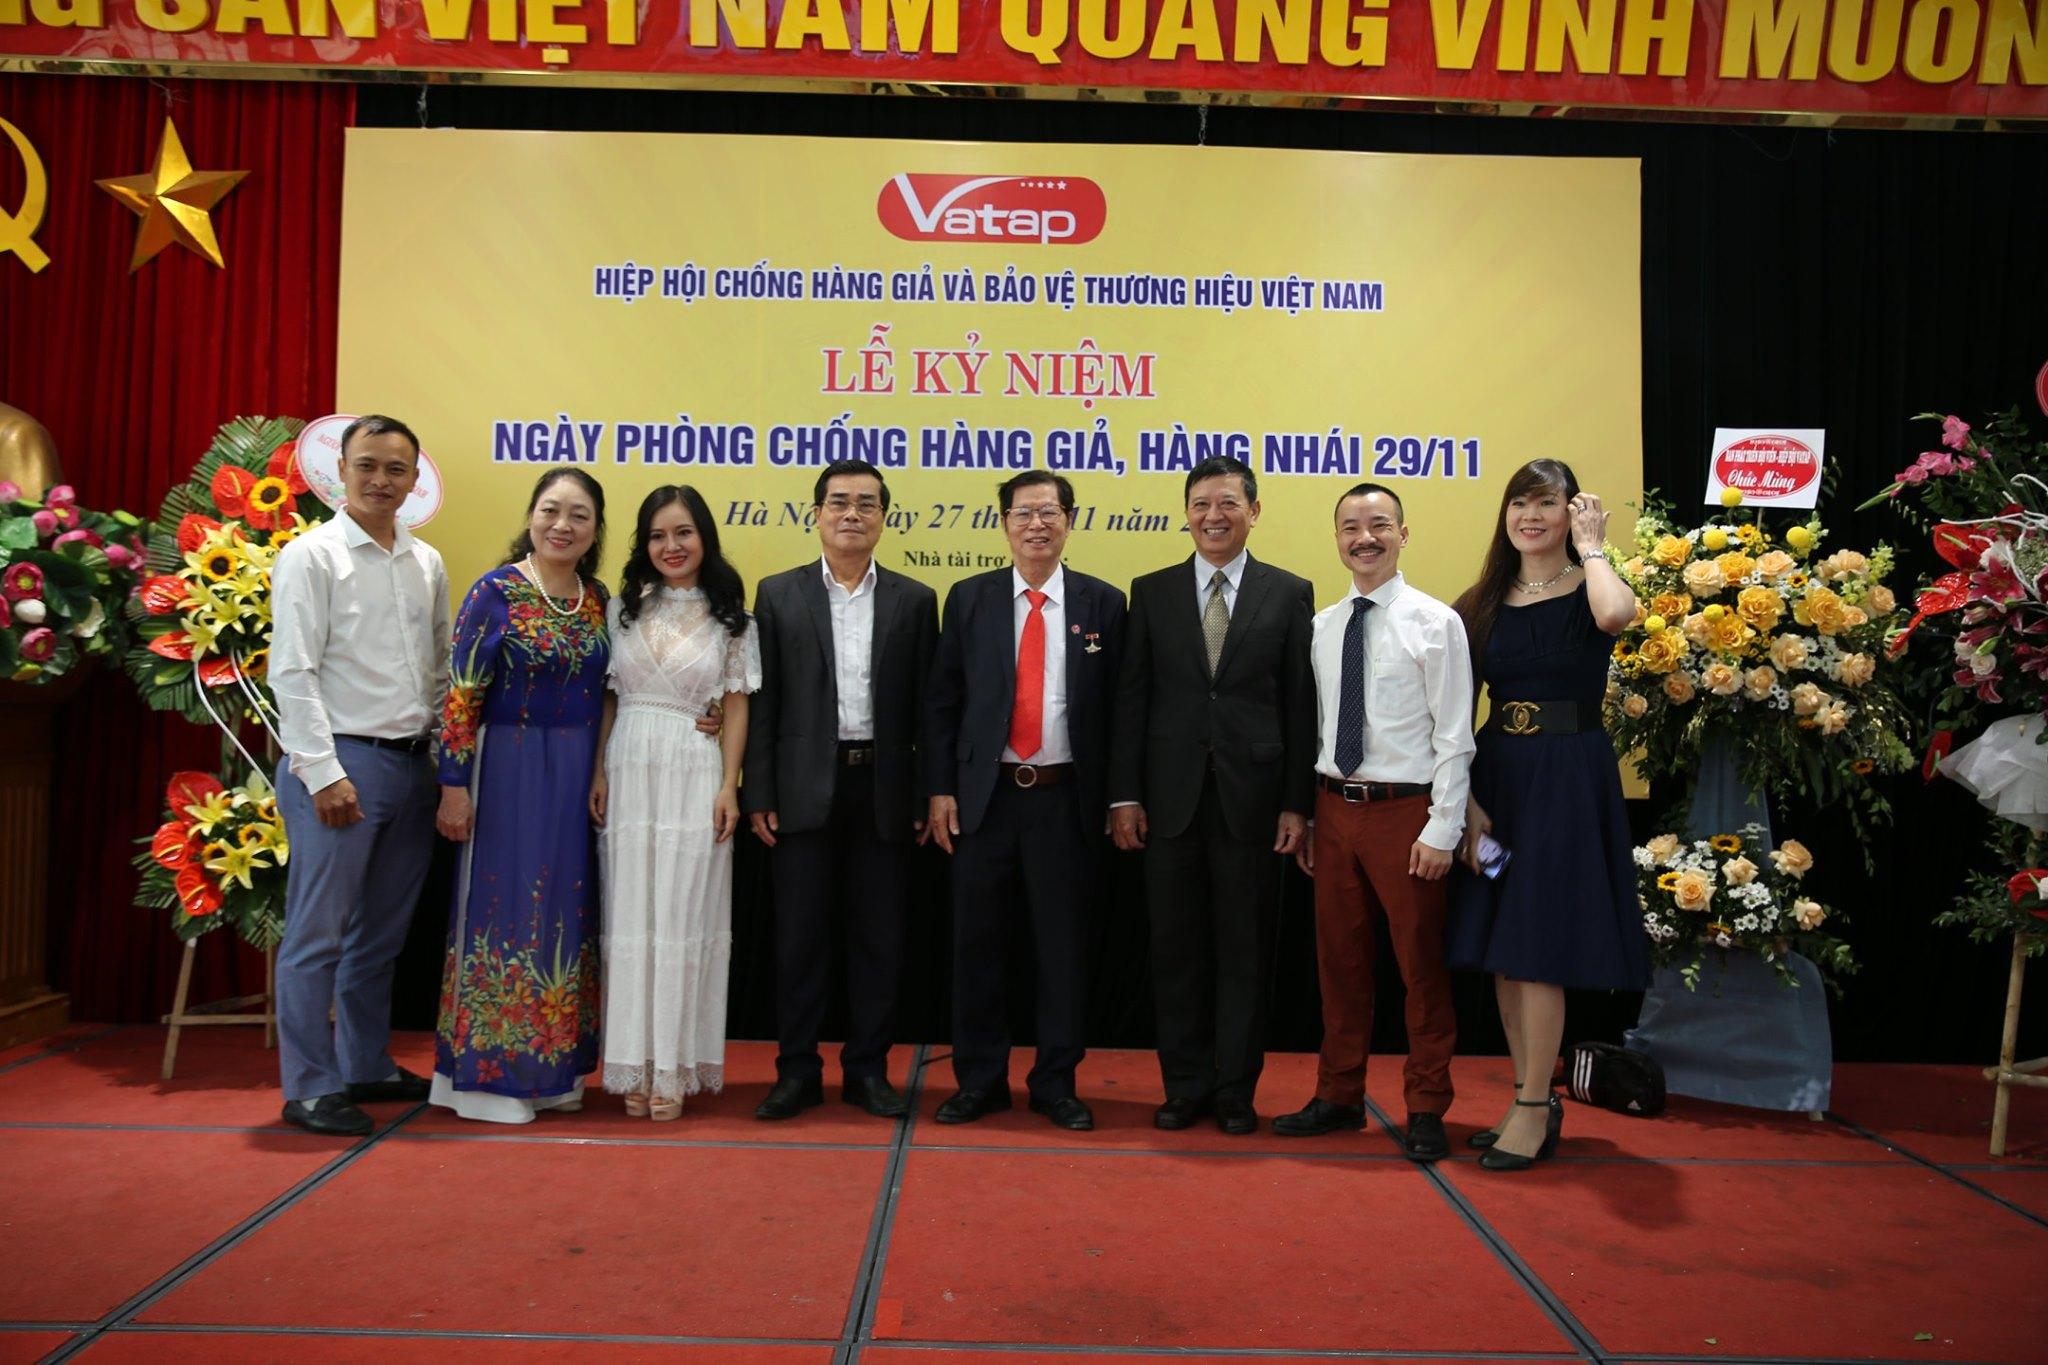 Ntea Việt Nam tham dự Lễ kỷ niệm ngày phòng, chống hàng giả, hàng nhái (29/11)